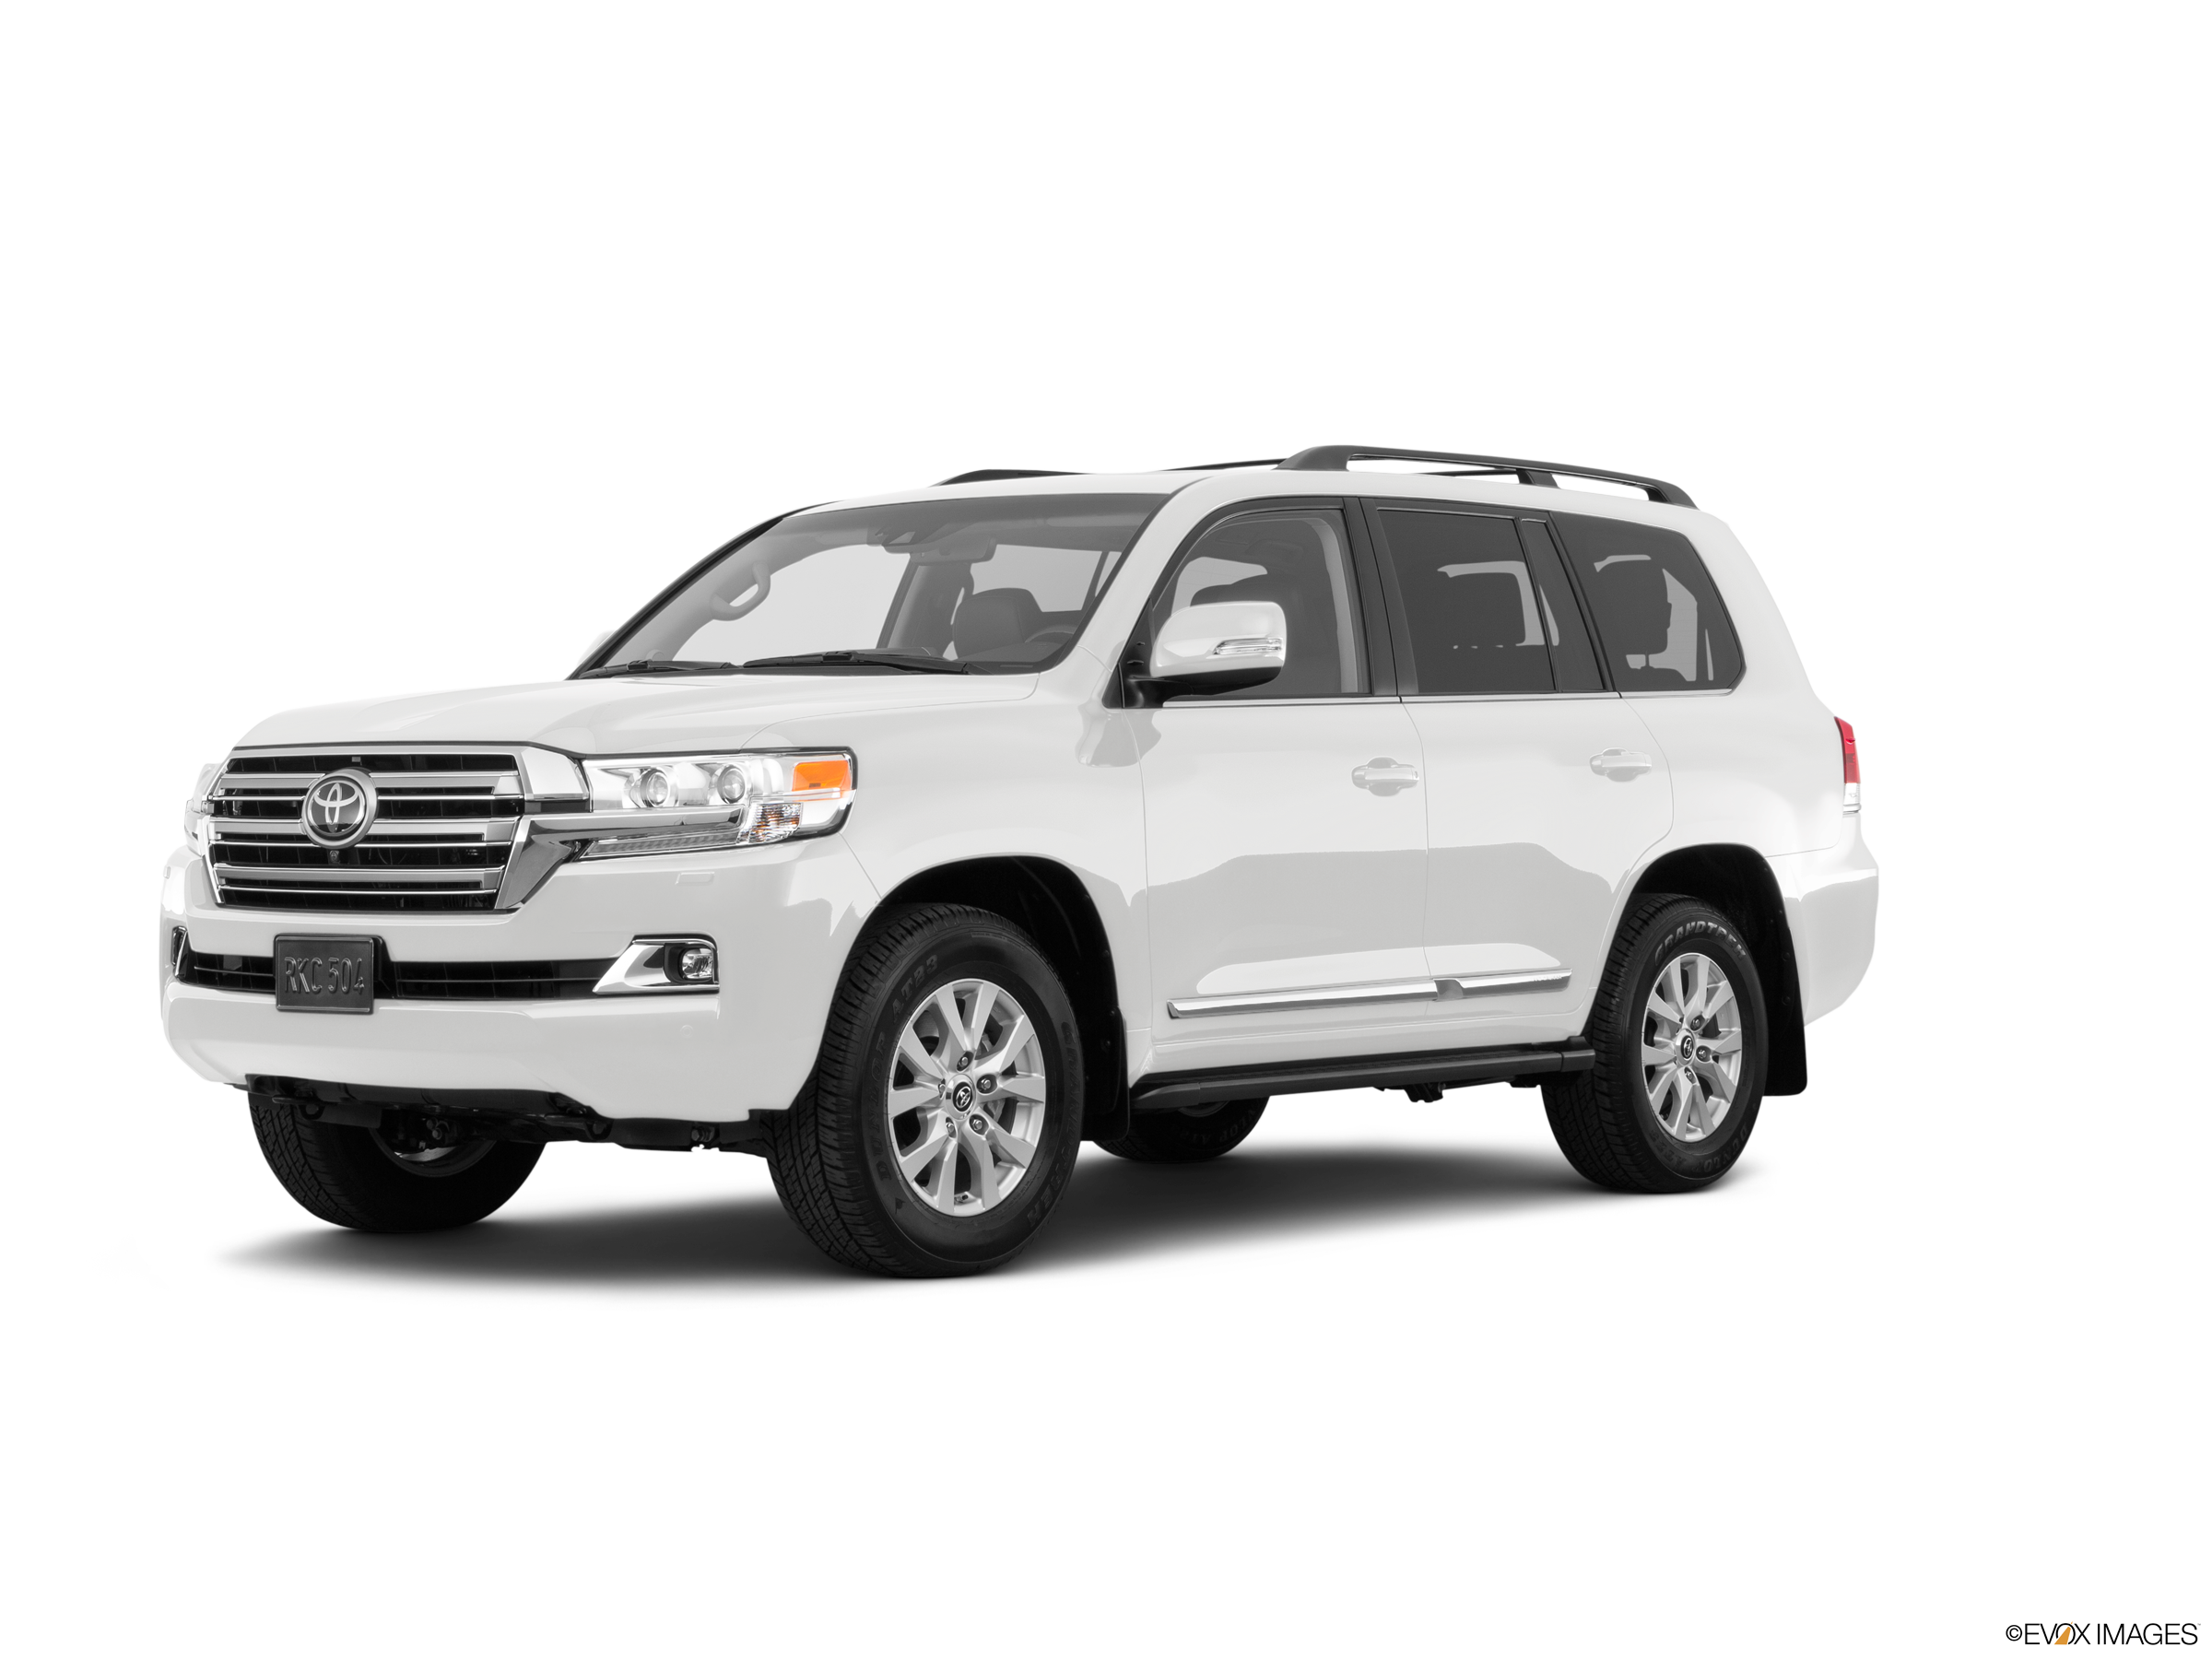 Kelebihan Kekurangan Toyota Luxury Perbandingan Harga